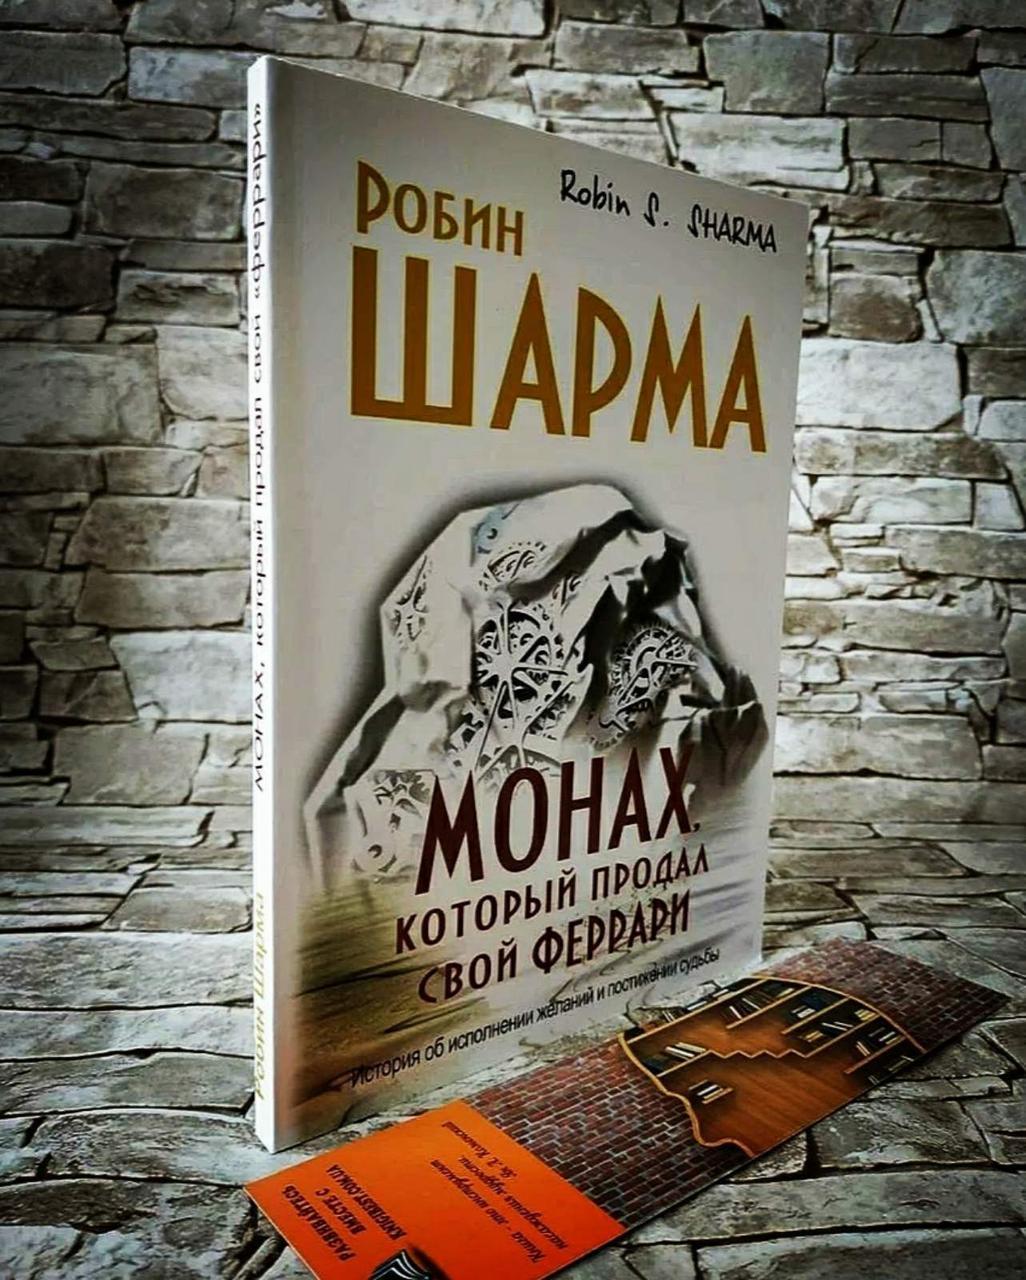 """Книга """"Монах, который продал свой феррари"""" Робин С. Шарма"""